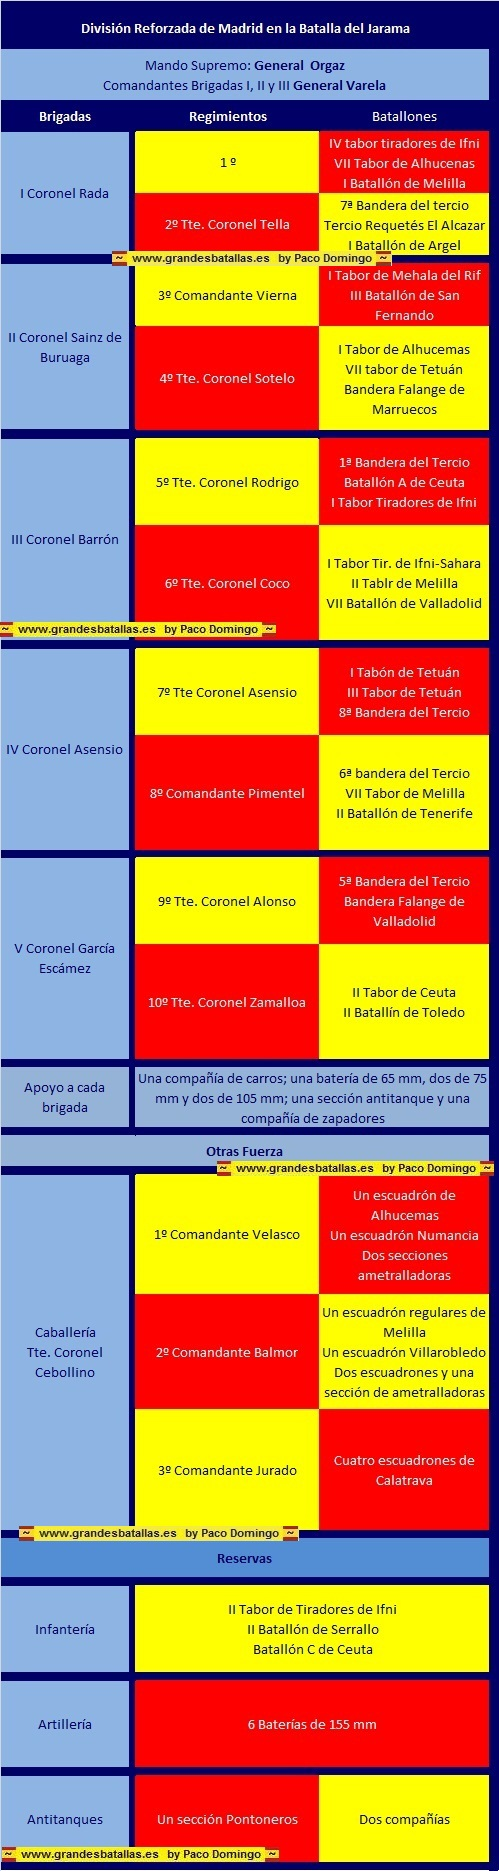 EJERCITO NACIONAL BATALLA DEL JARAMA